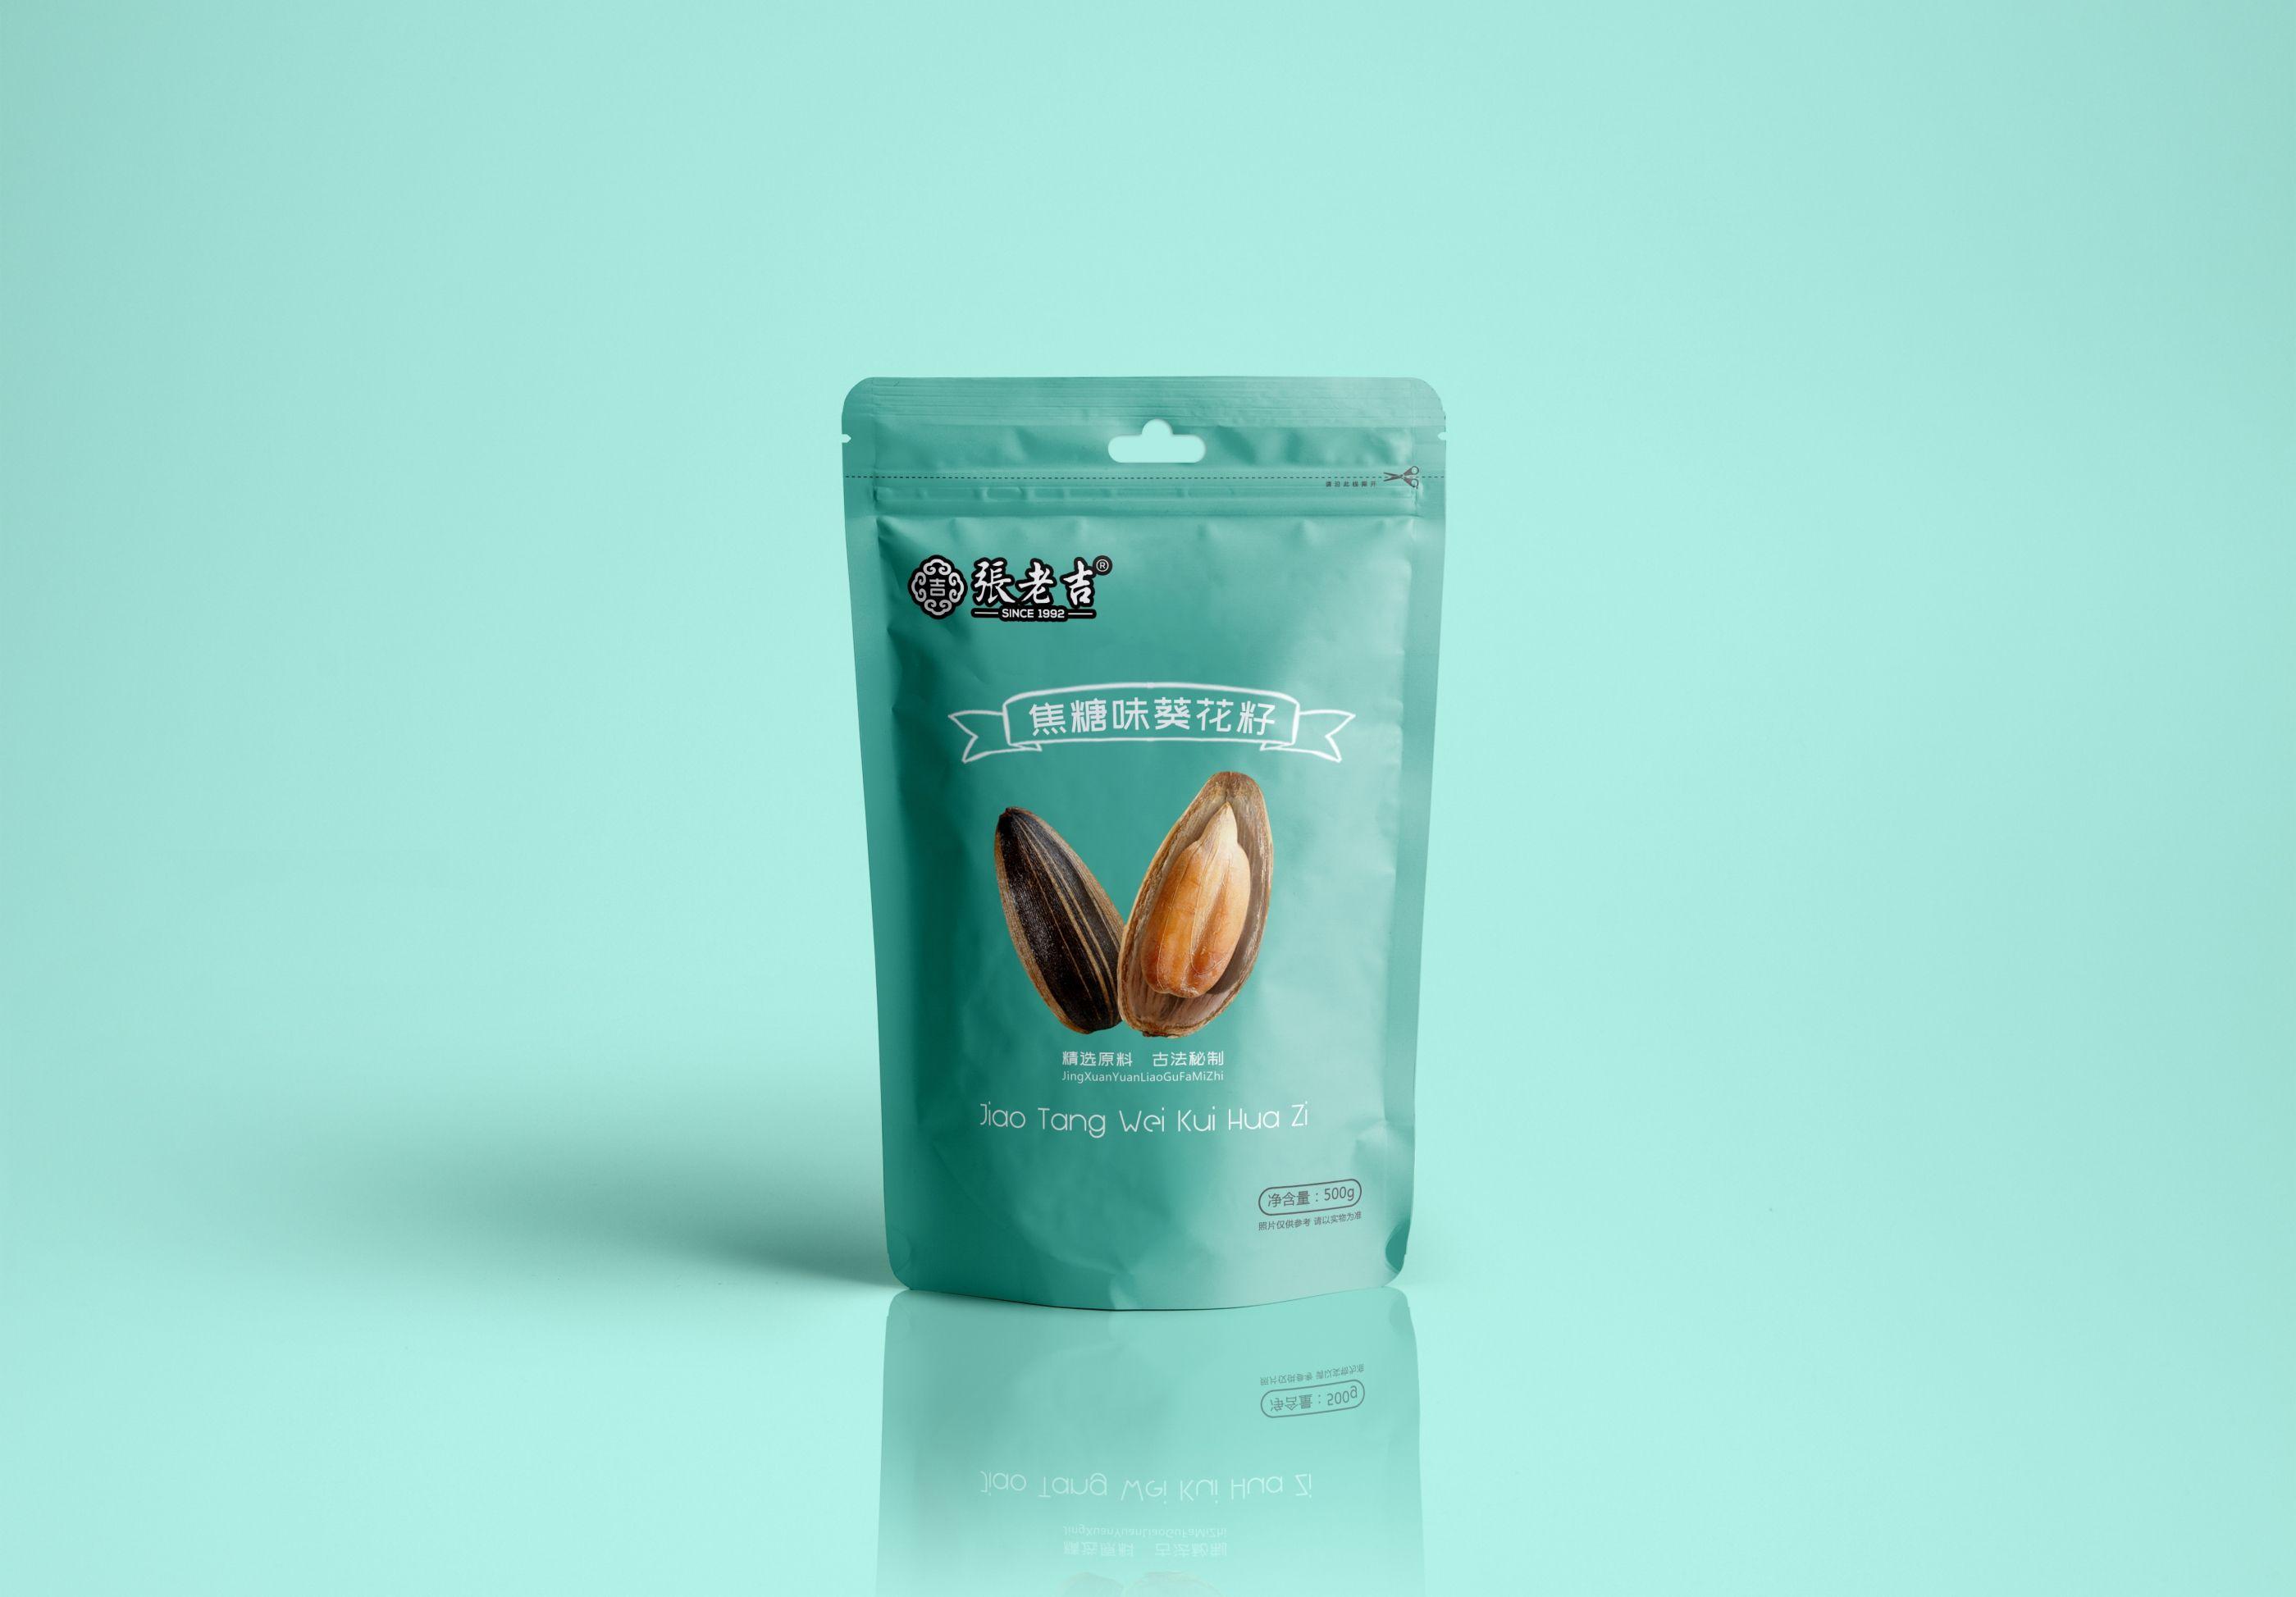 瓜子包装设计 飞特网 原创食品包装设计